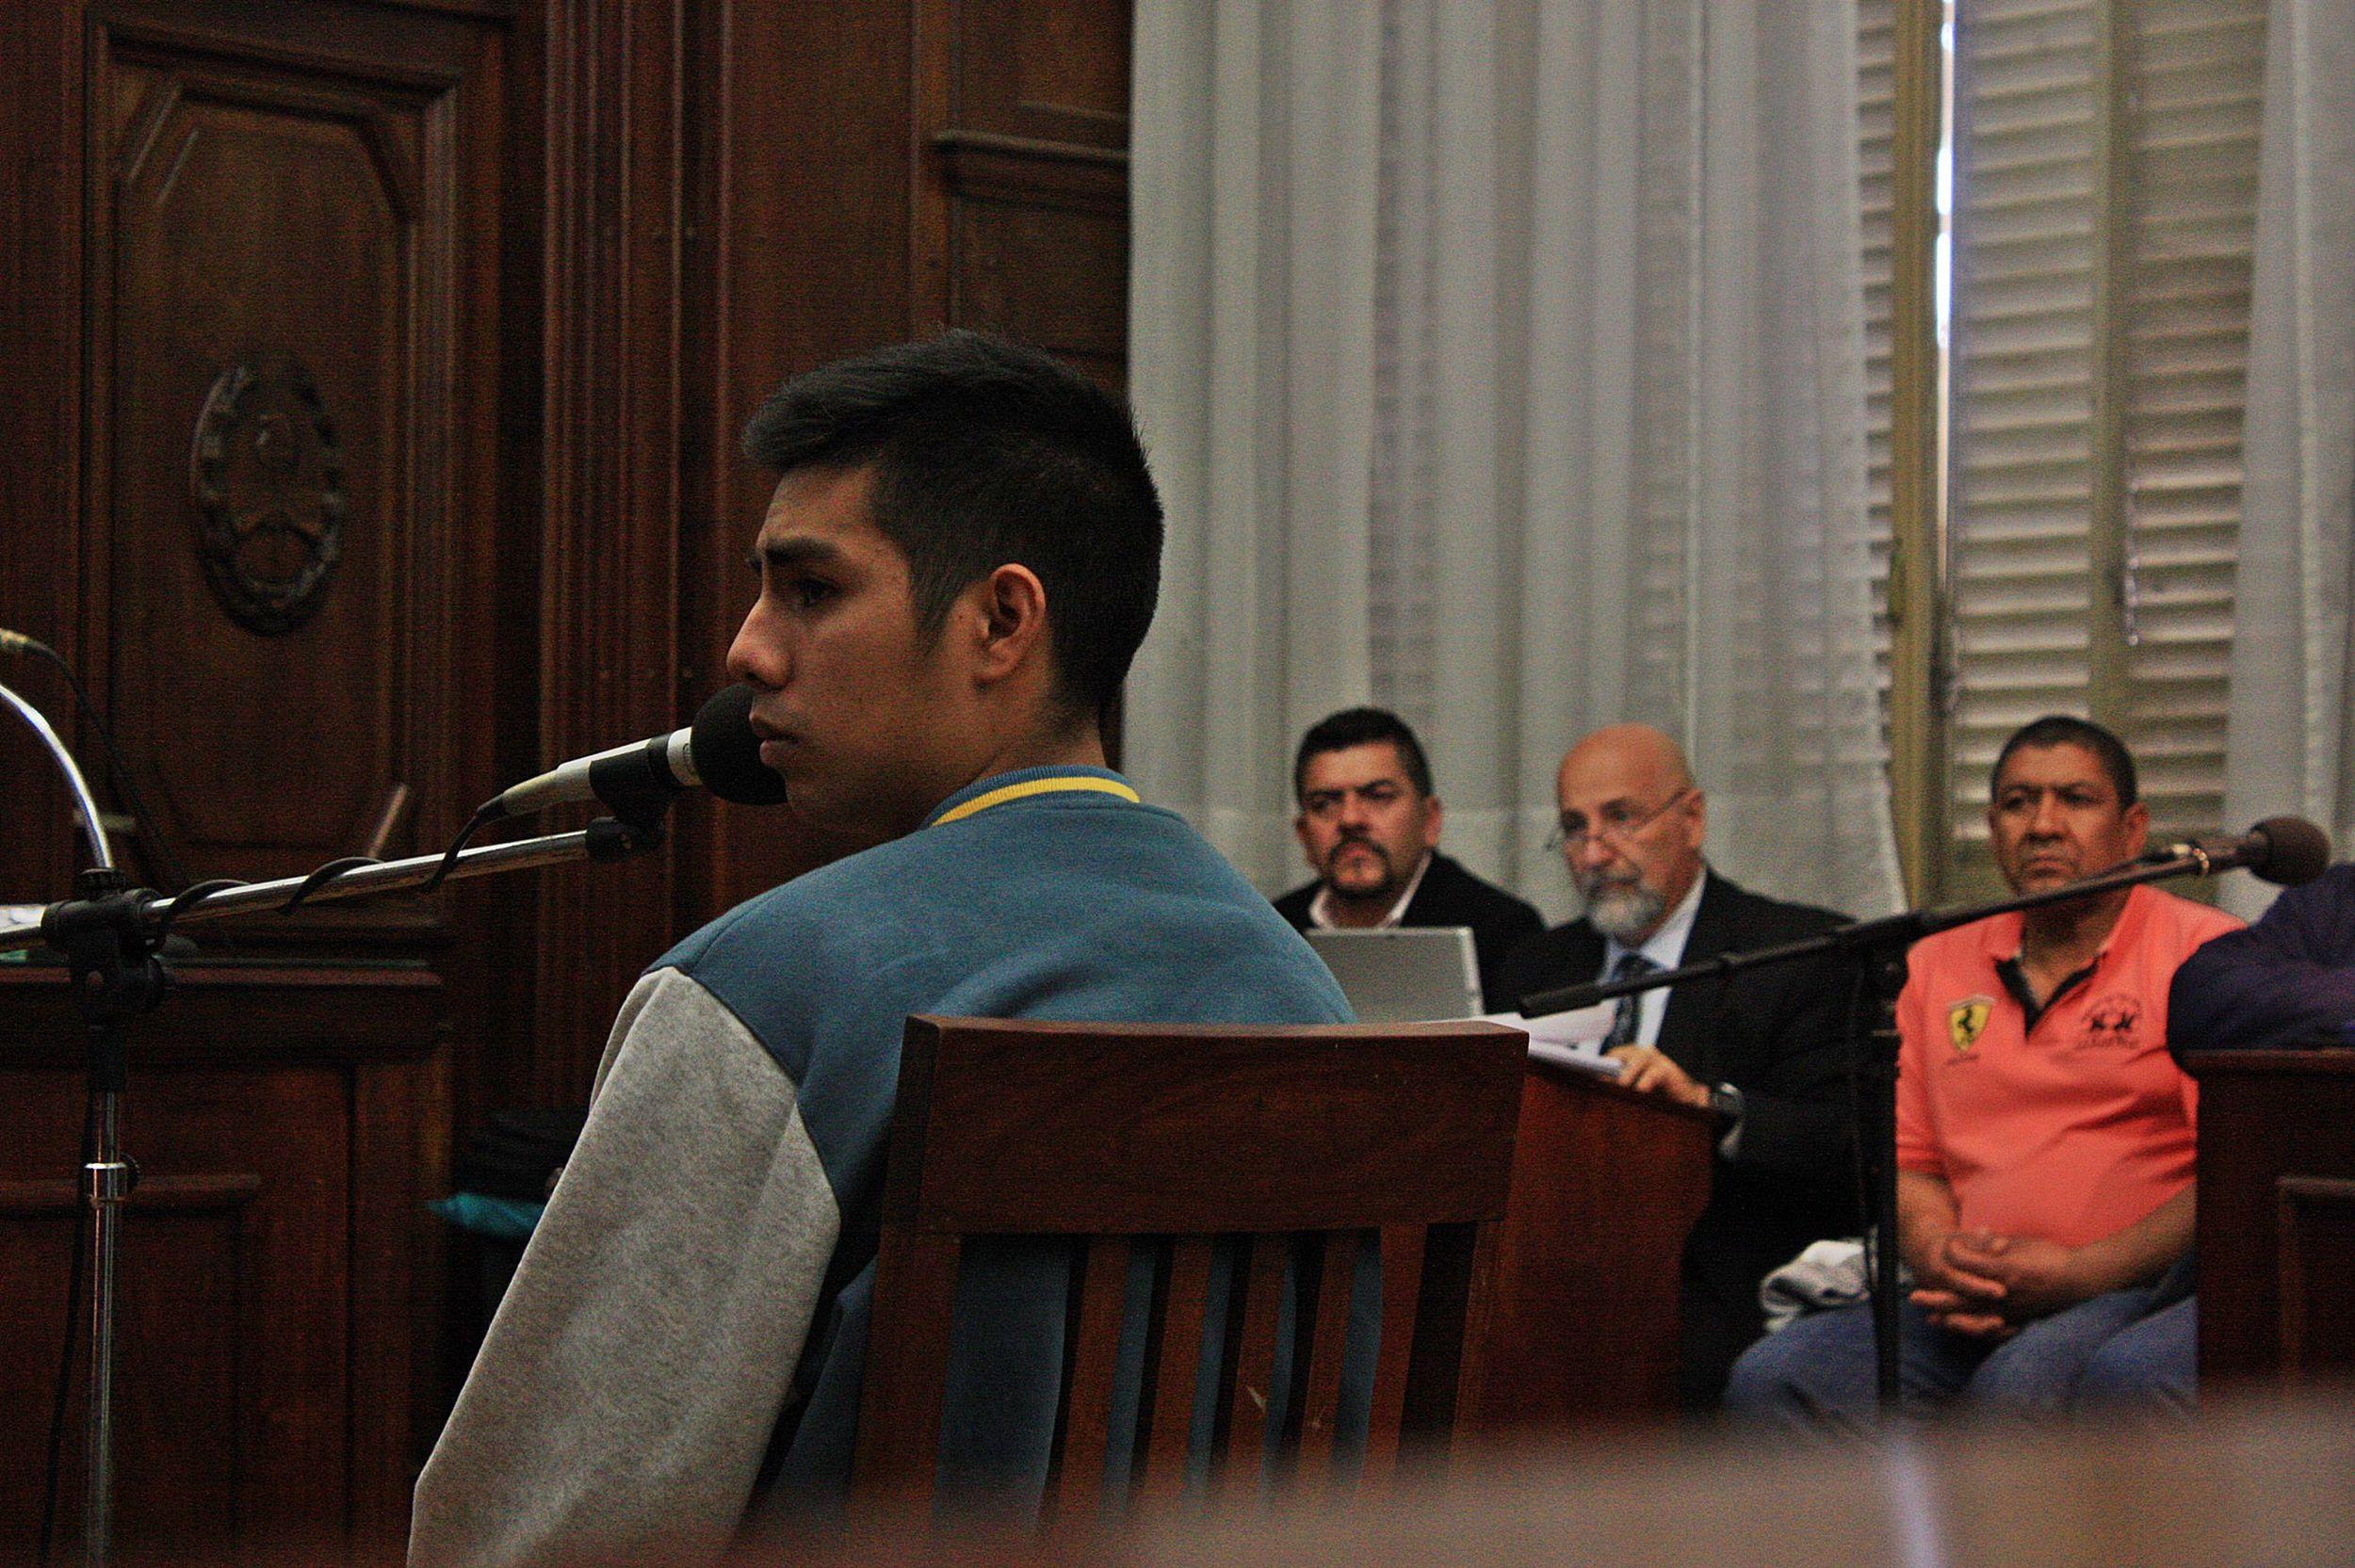 Uno de los testigos que resultaron del relevamiento vecinal que se realizó en la etapa de instrucción. El joven Bordón declaró haber escuchado tiros.